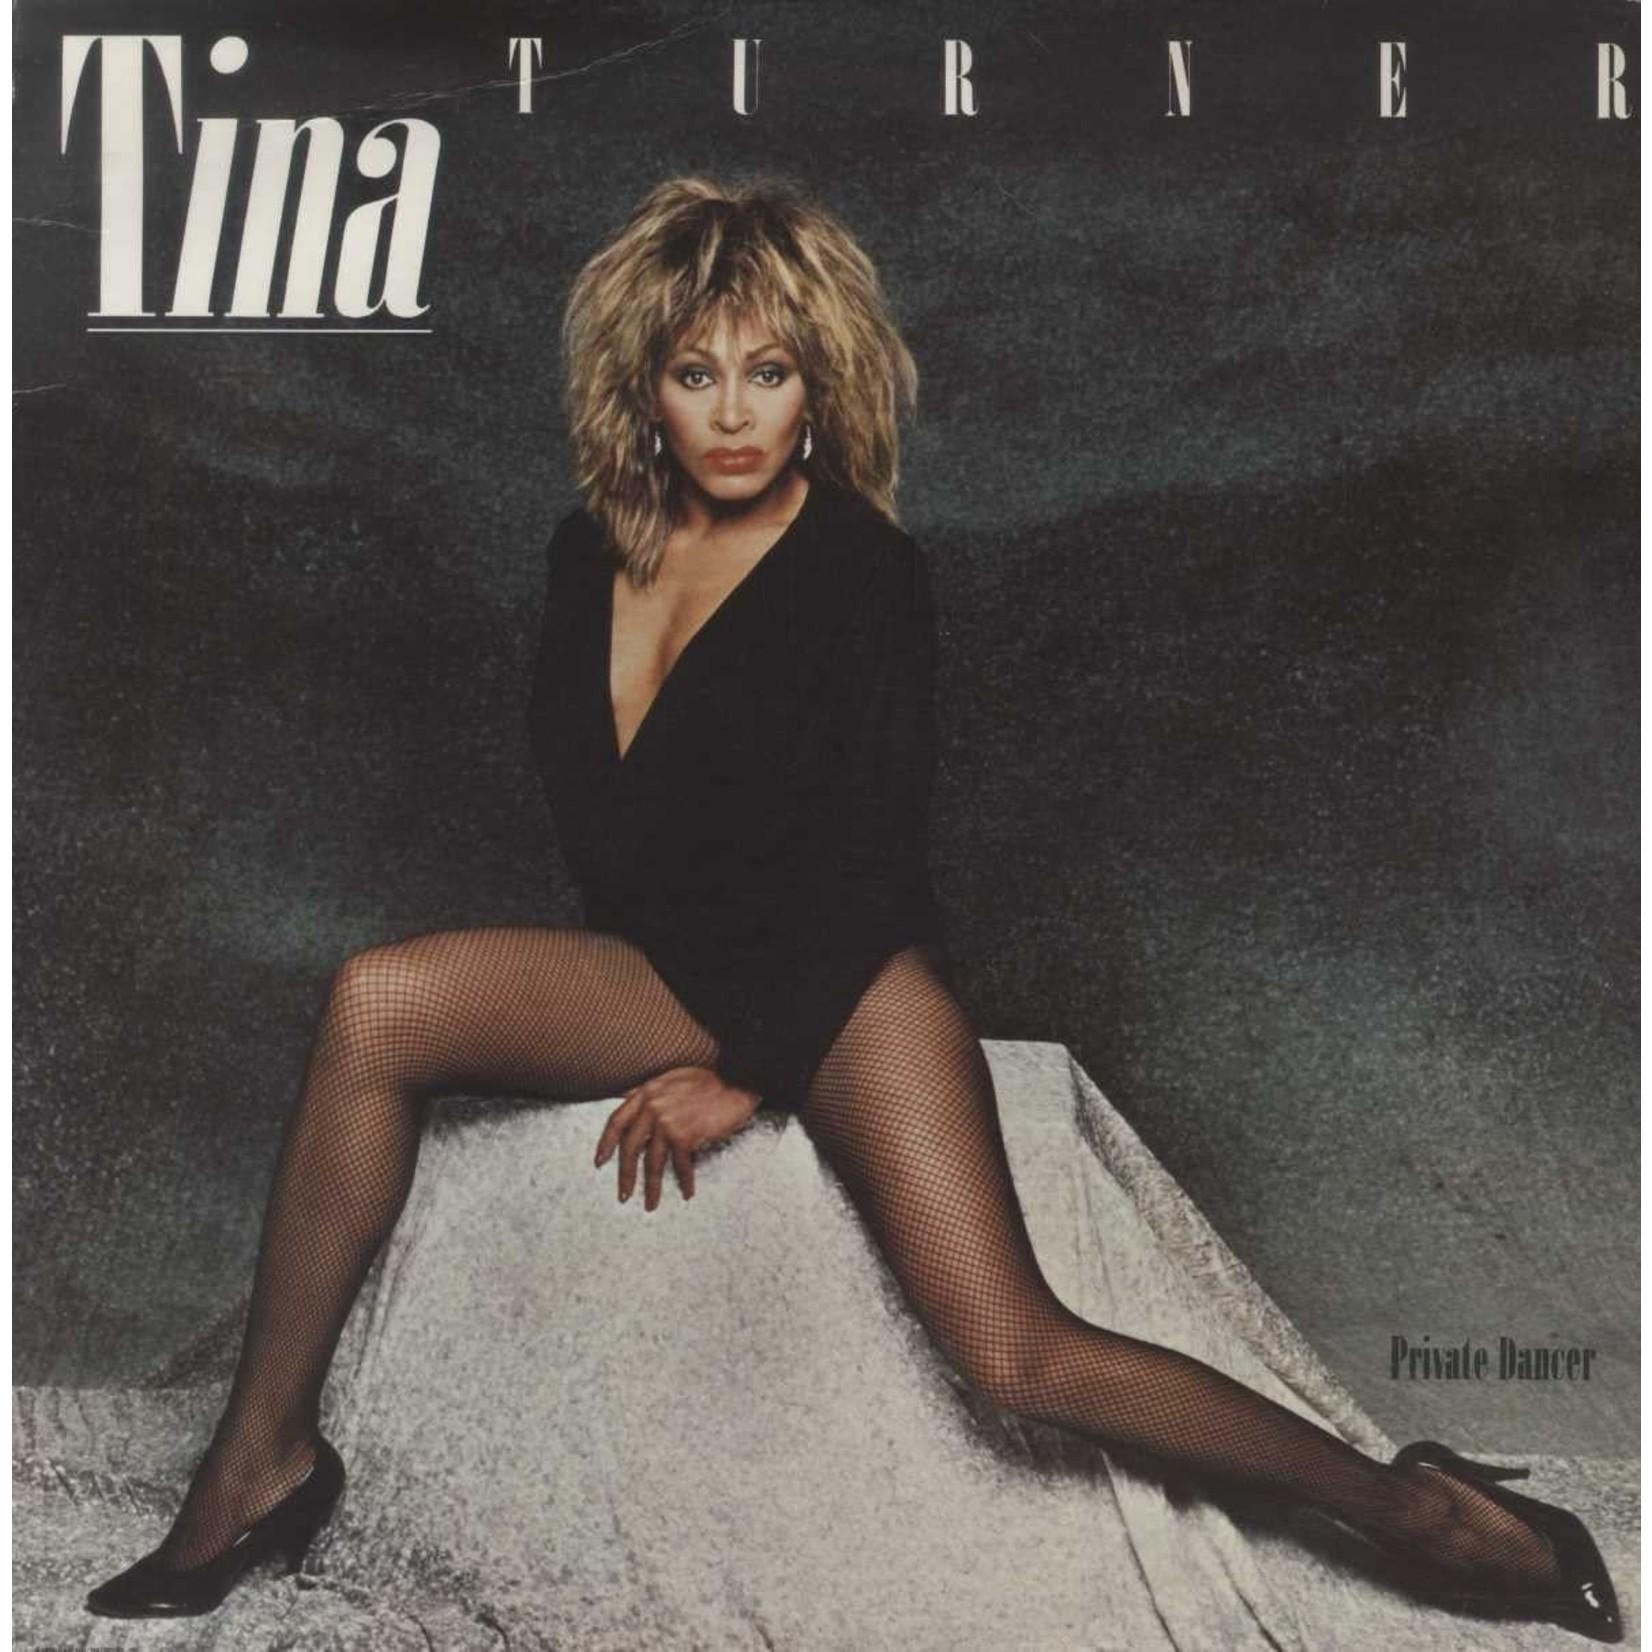 [Vintage] Turner, Tina: Private Dancer